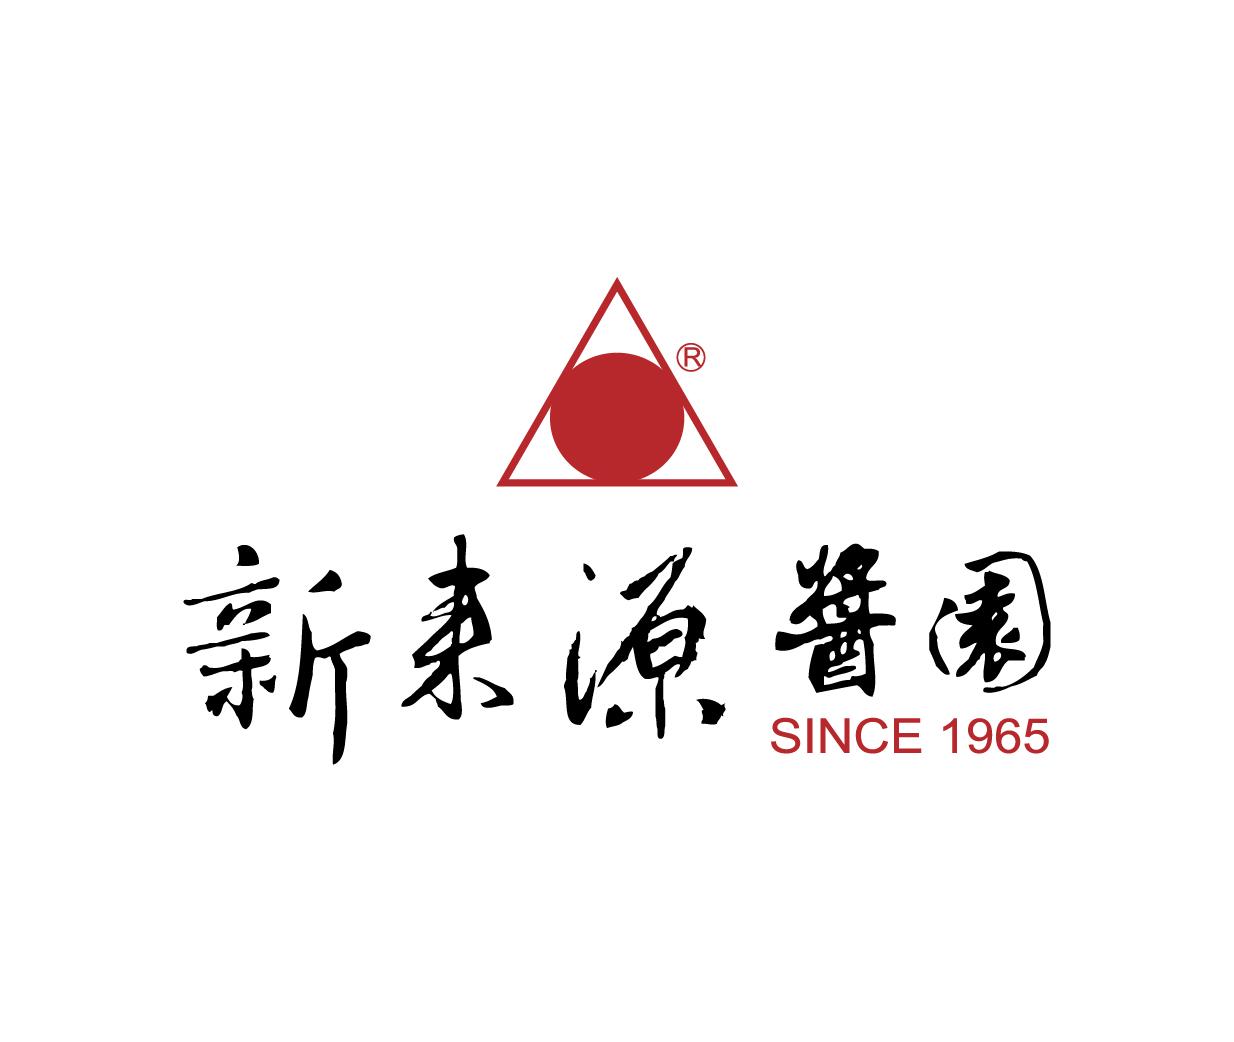 新來源醬園股份有限公司